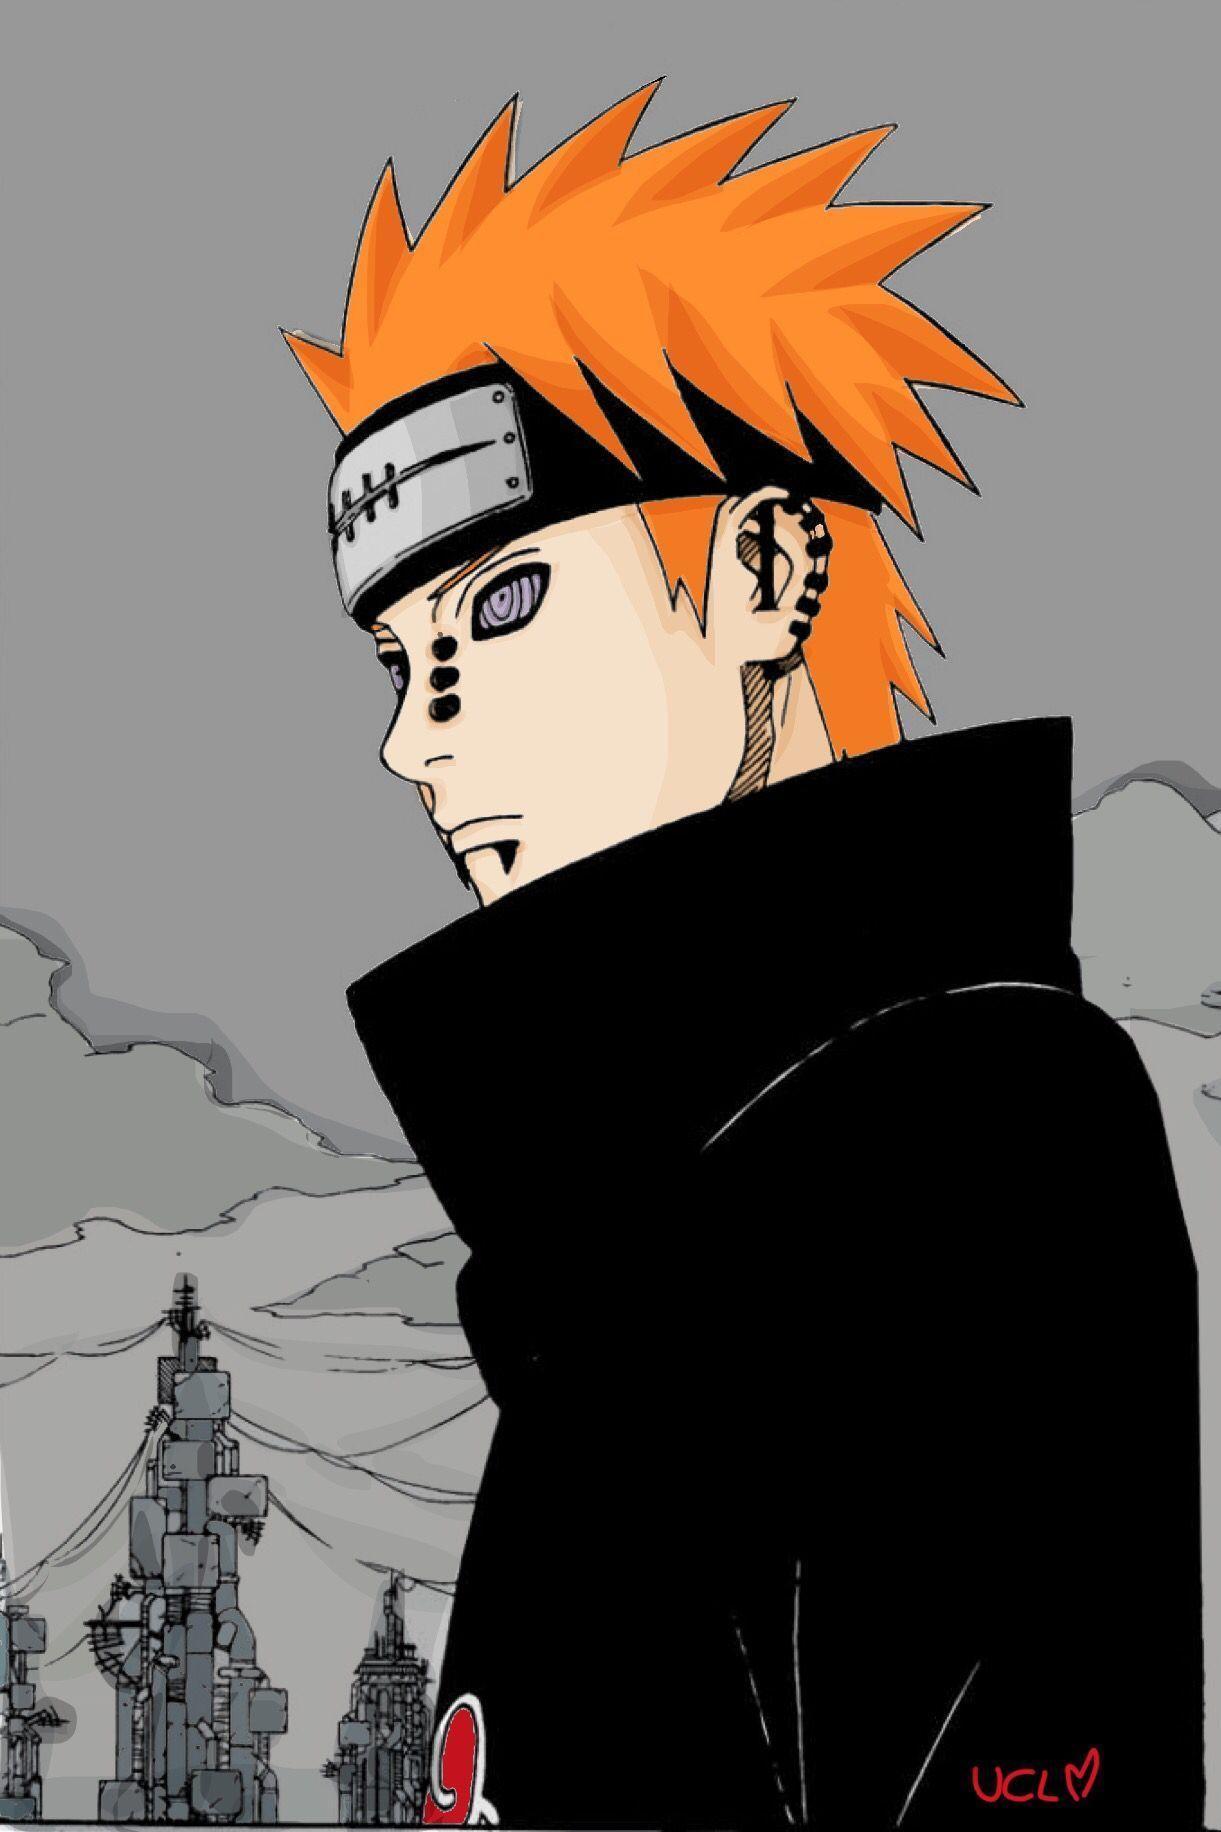 Naruto Supreme: Naruto Pain Supreme Wallpapers